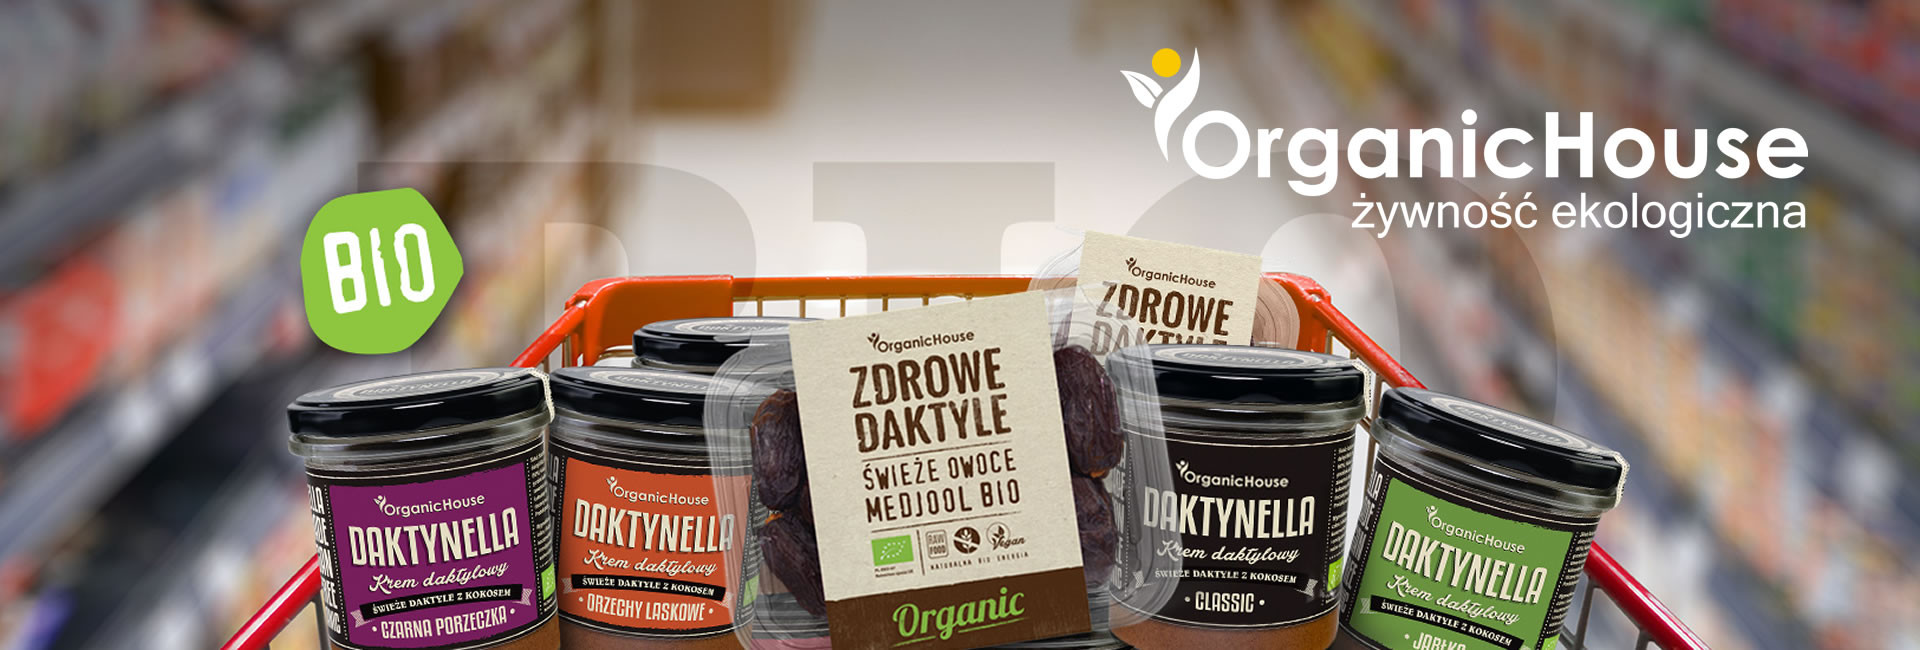 Organic house żywność ekologiczna